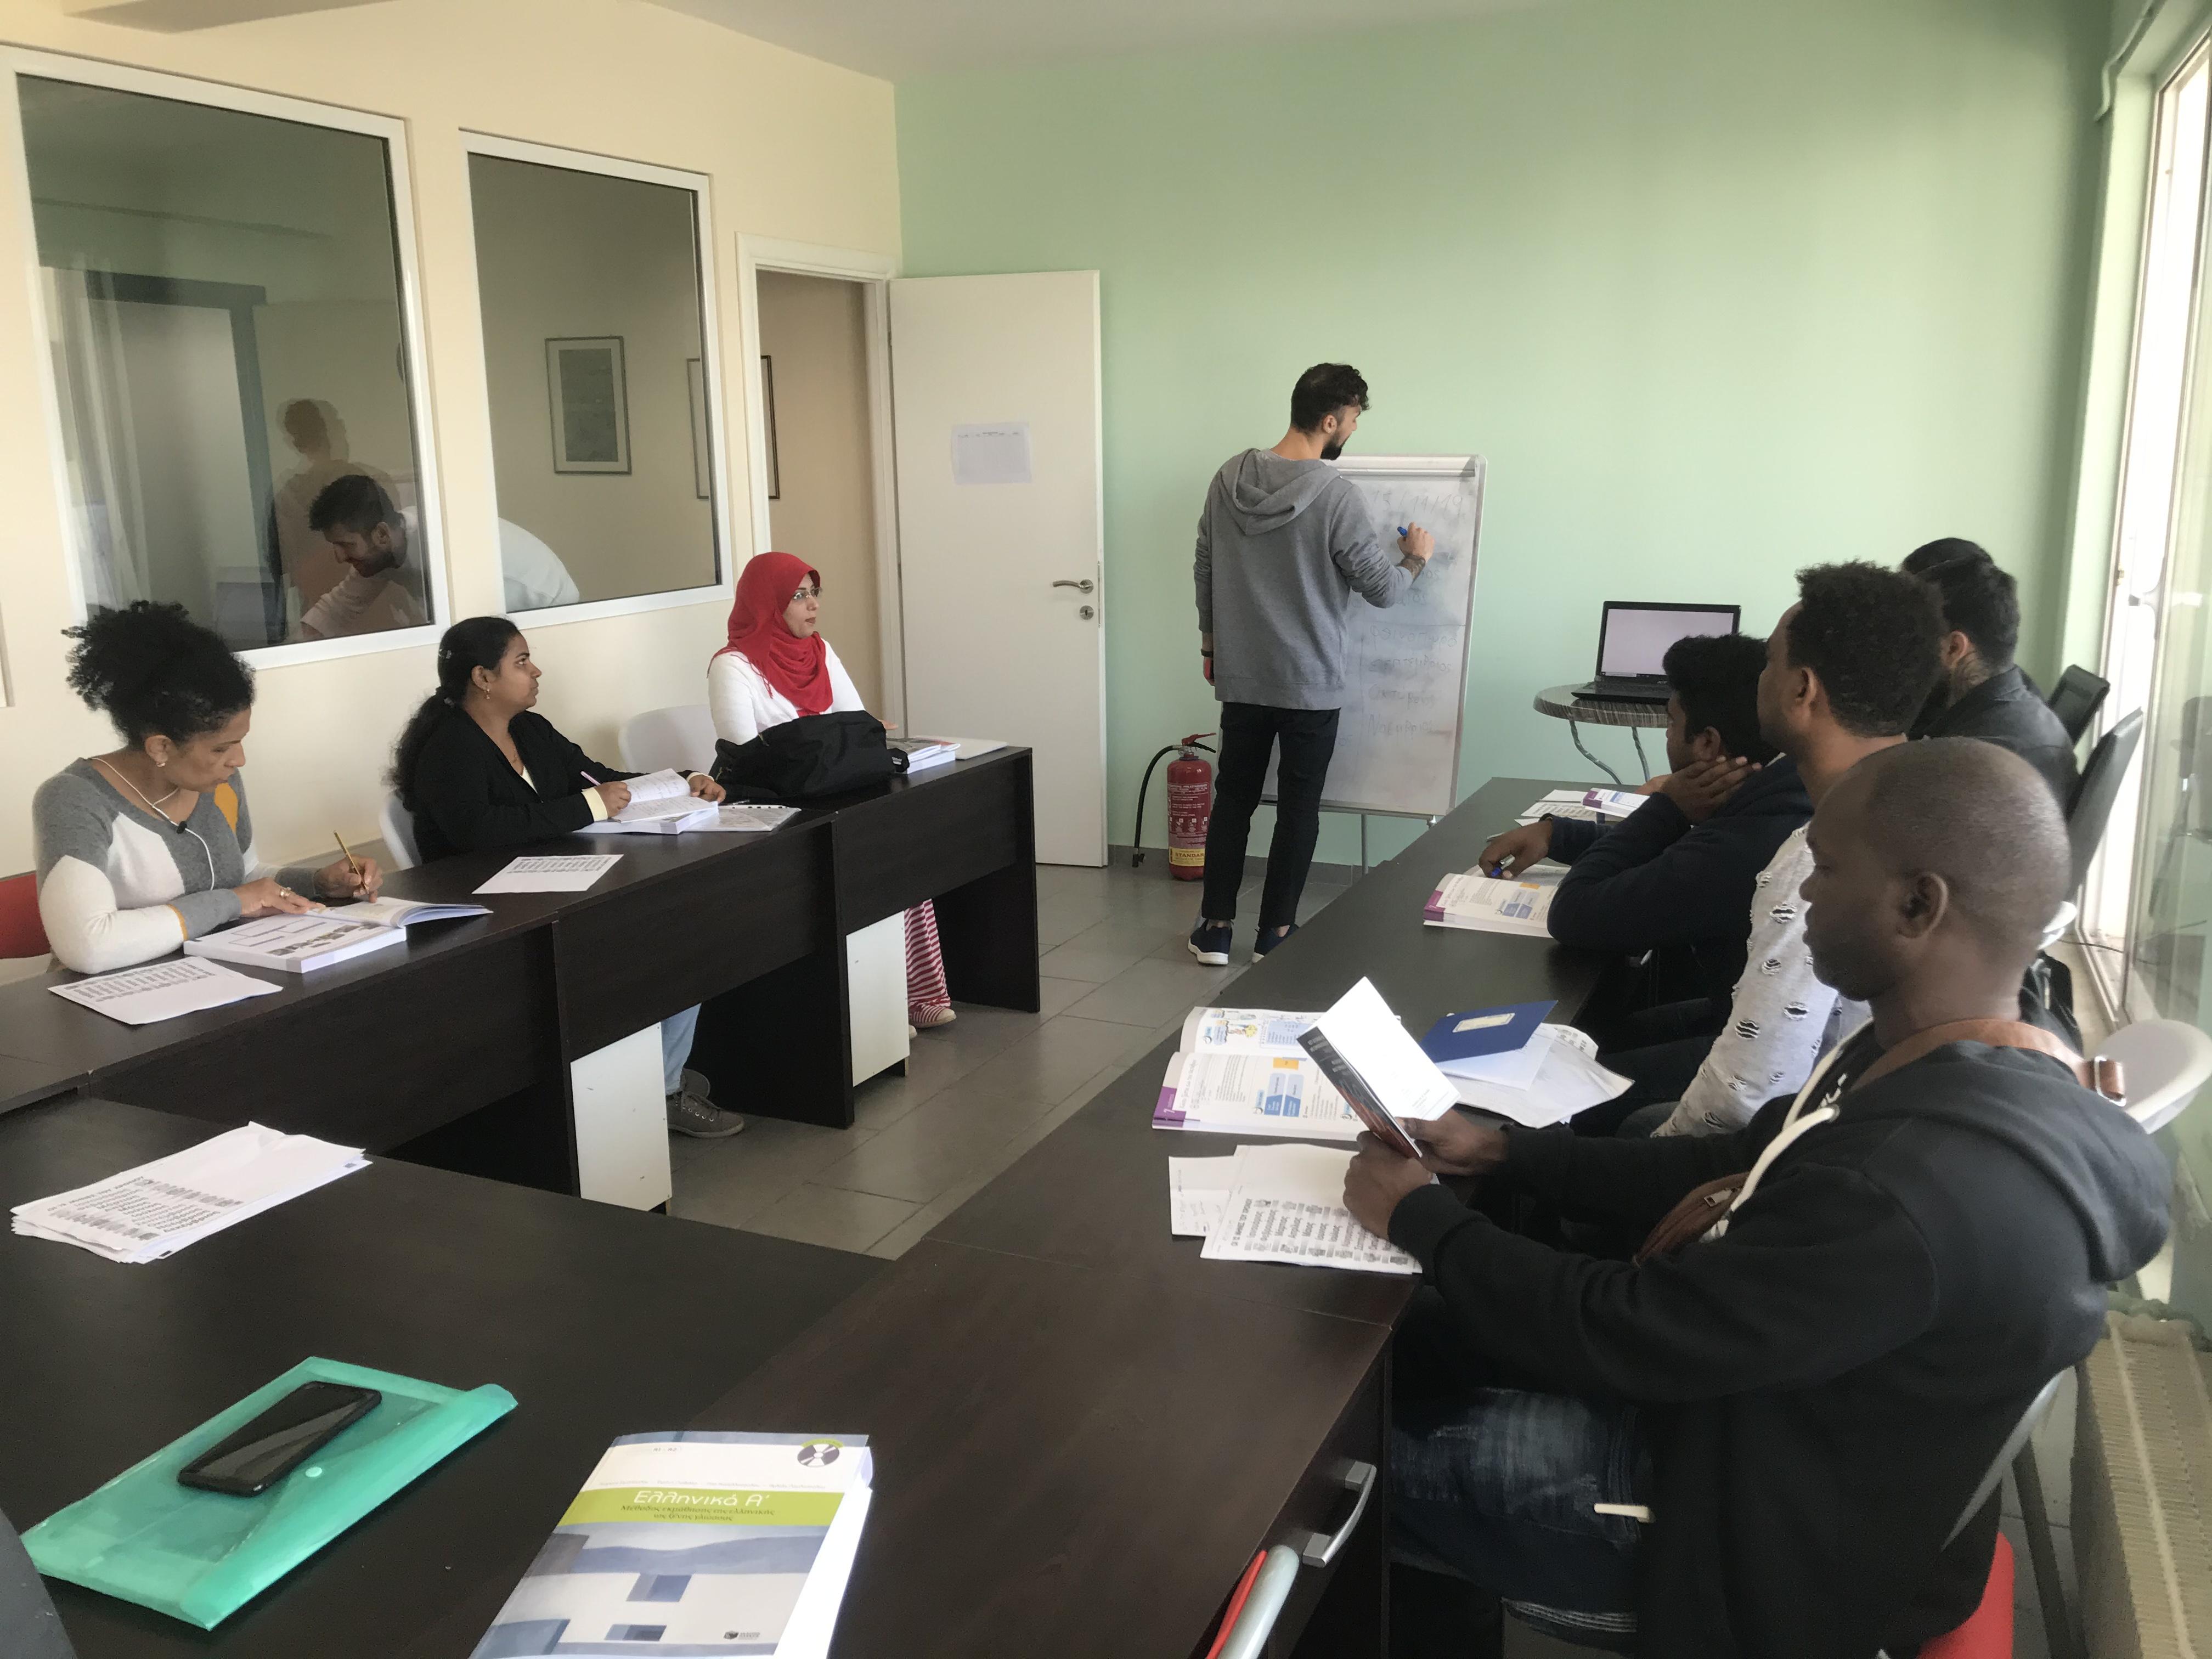 Γιορτή αποφοίτησης για πρόσφυγες  που μαθαίνουν ελληνικά